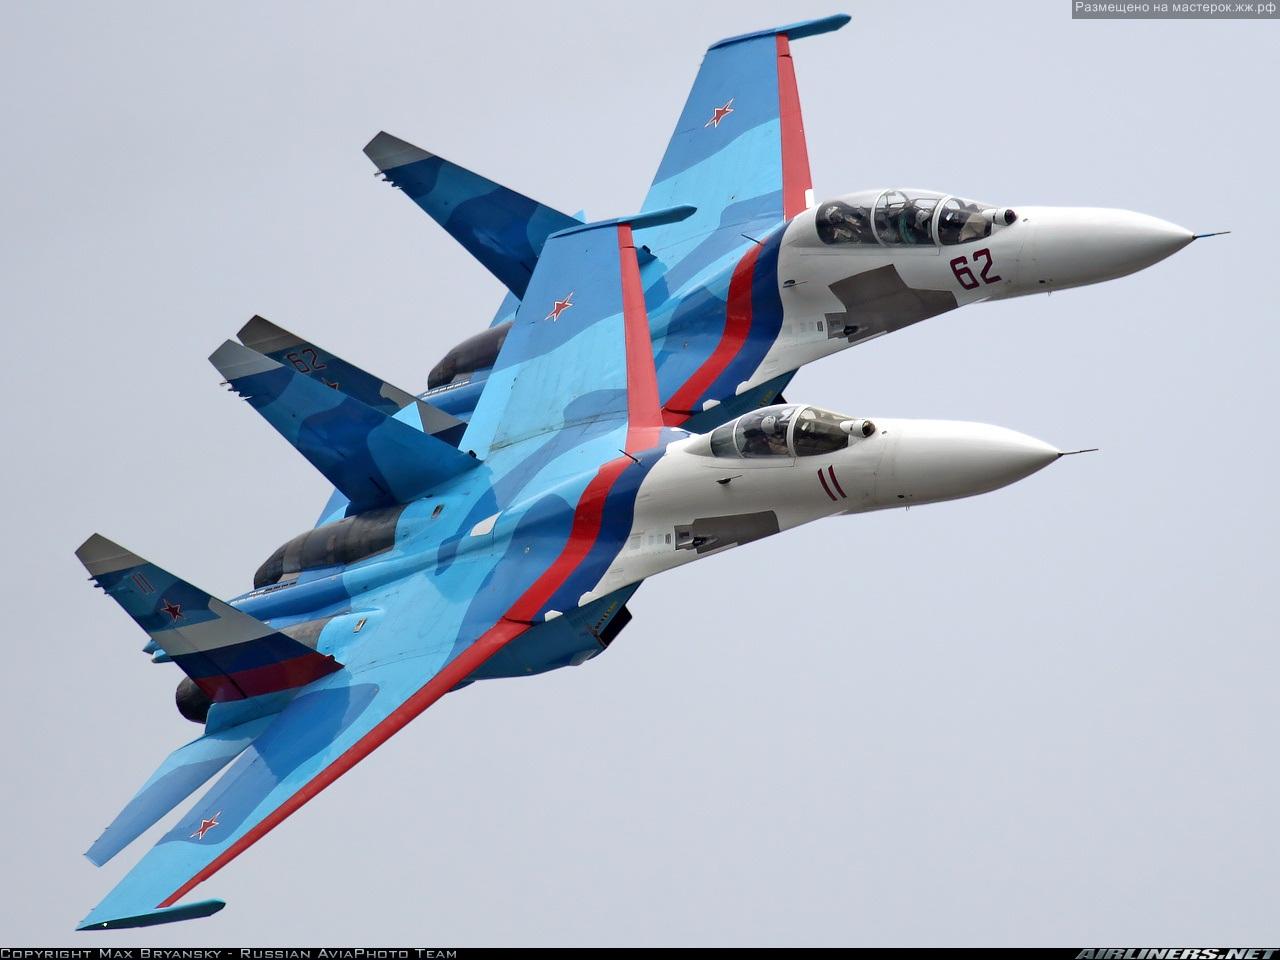 Следующий подарок: Боевой вылет на самолете СУ-27.